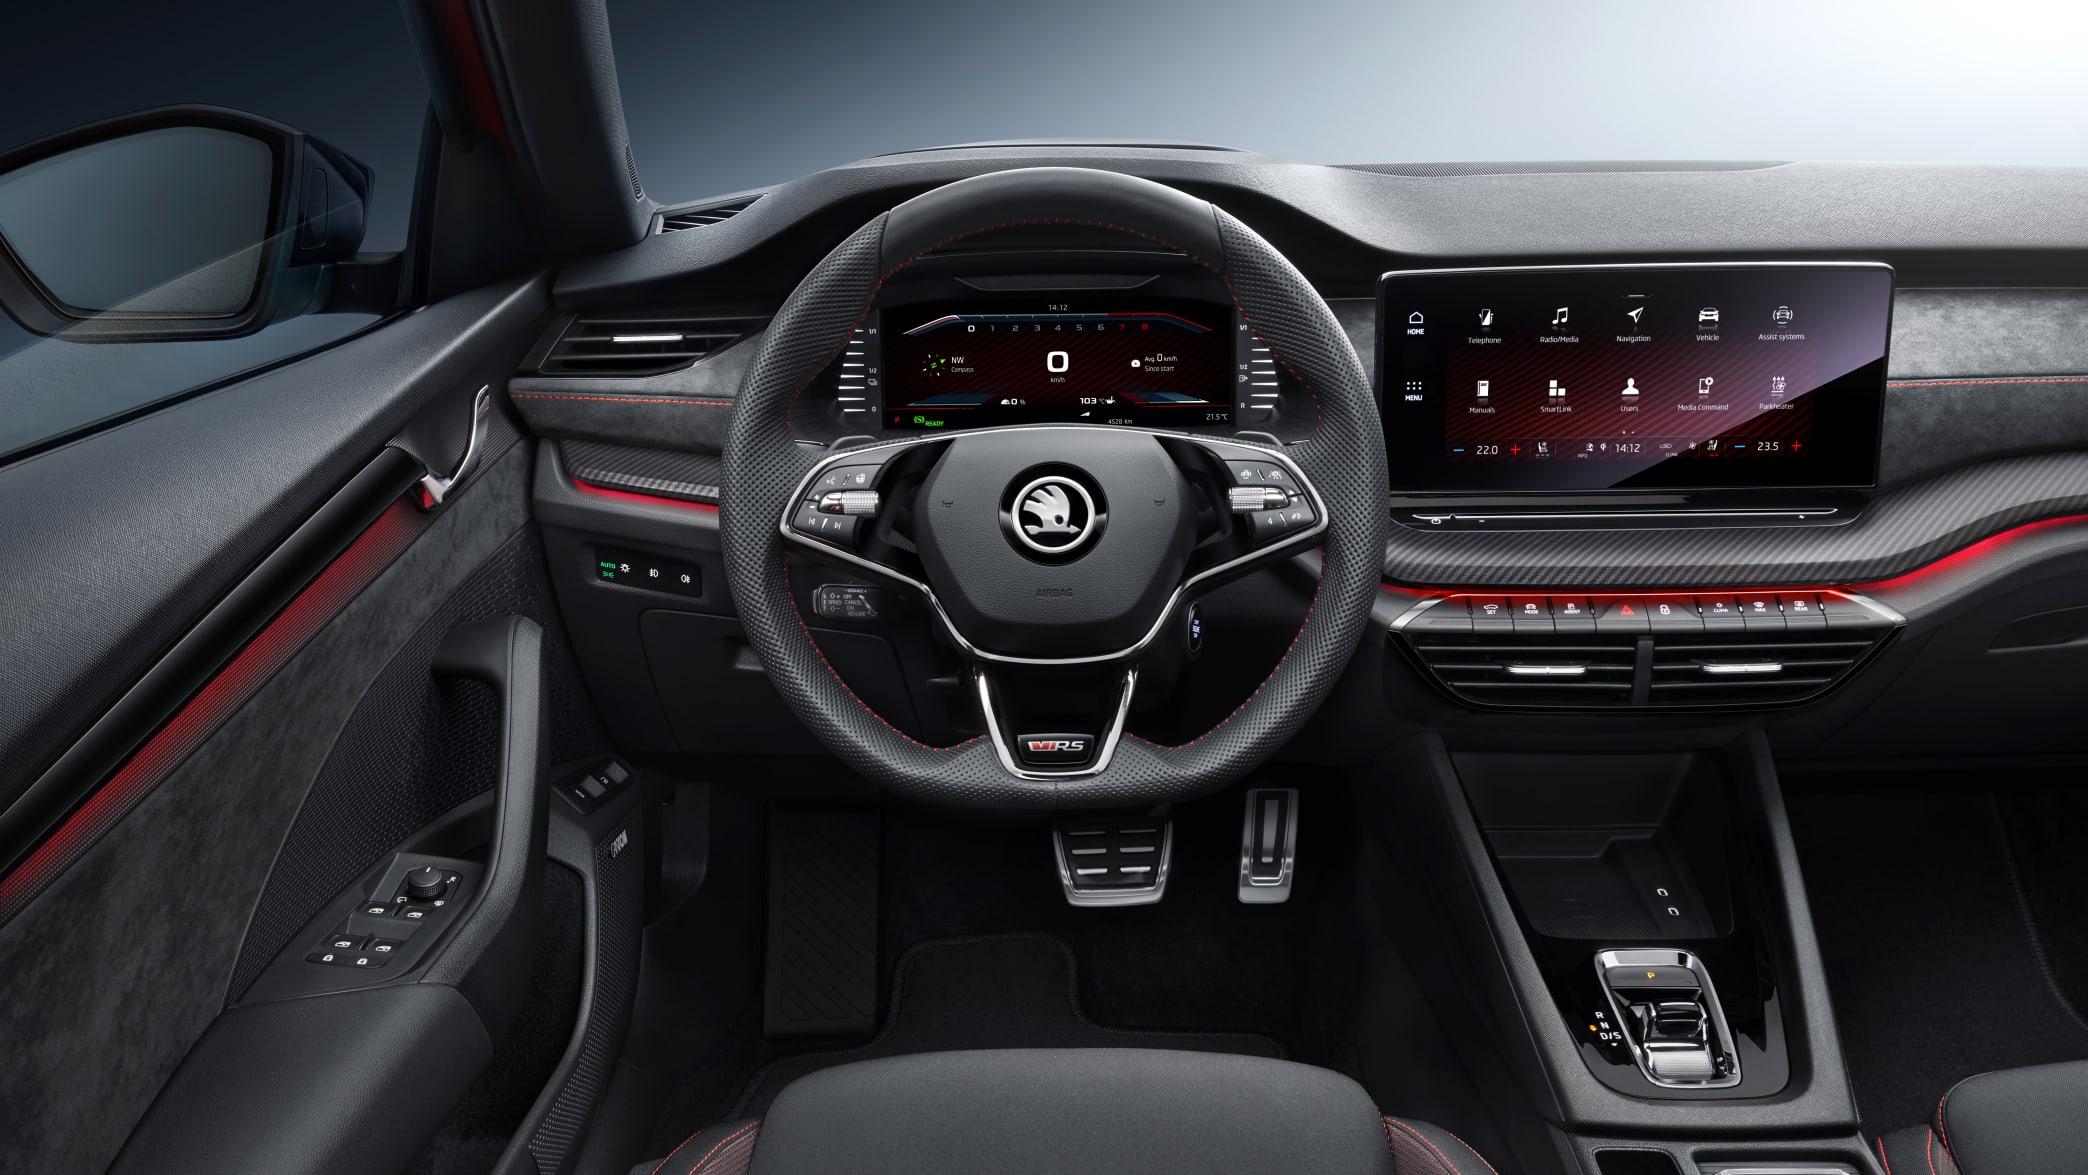 Cockpit des Skoda Octavia RS iV